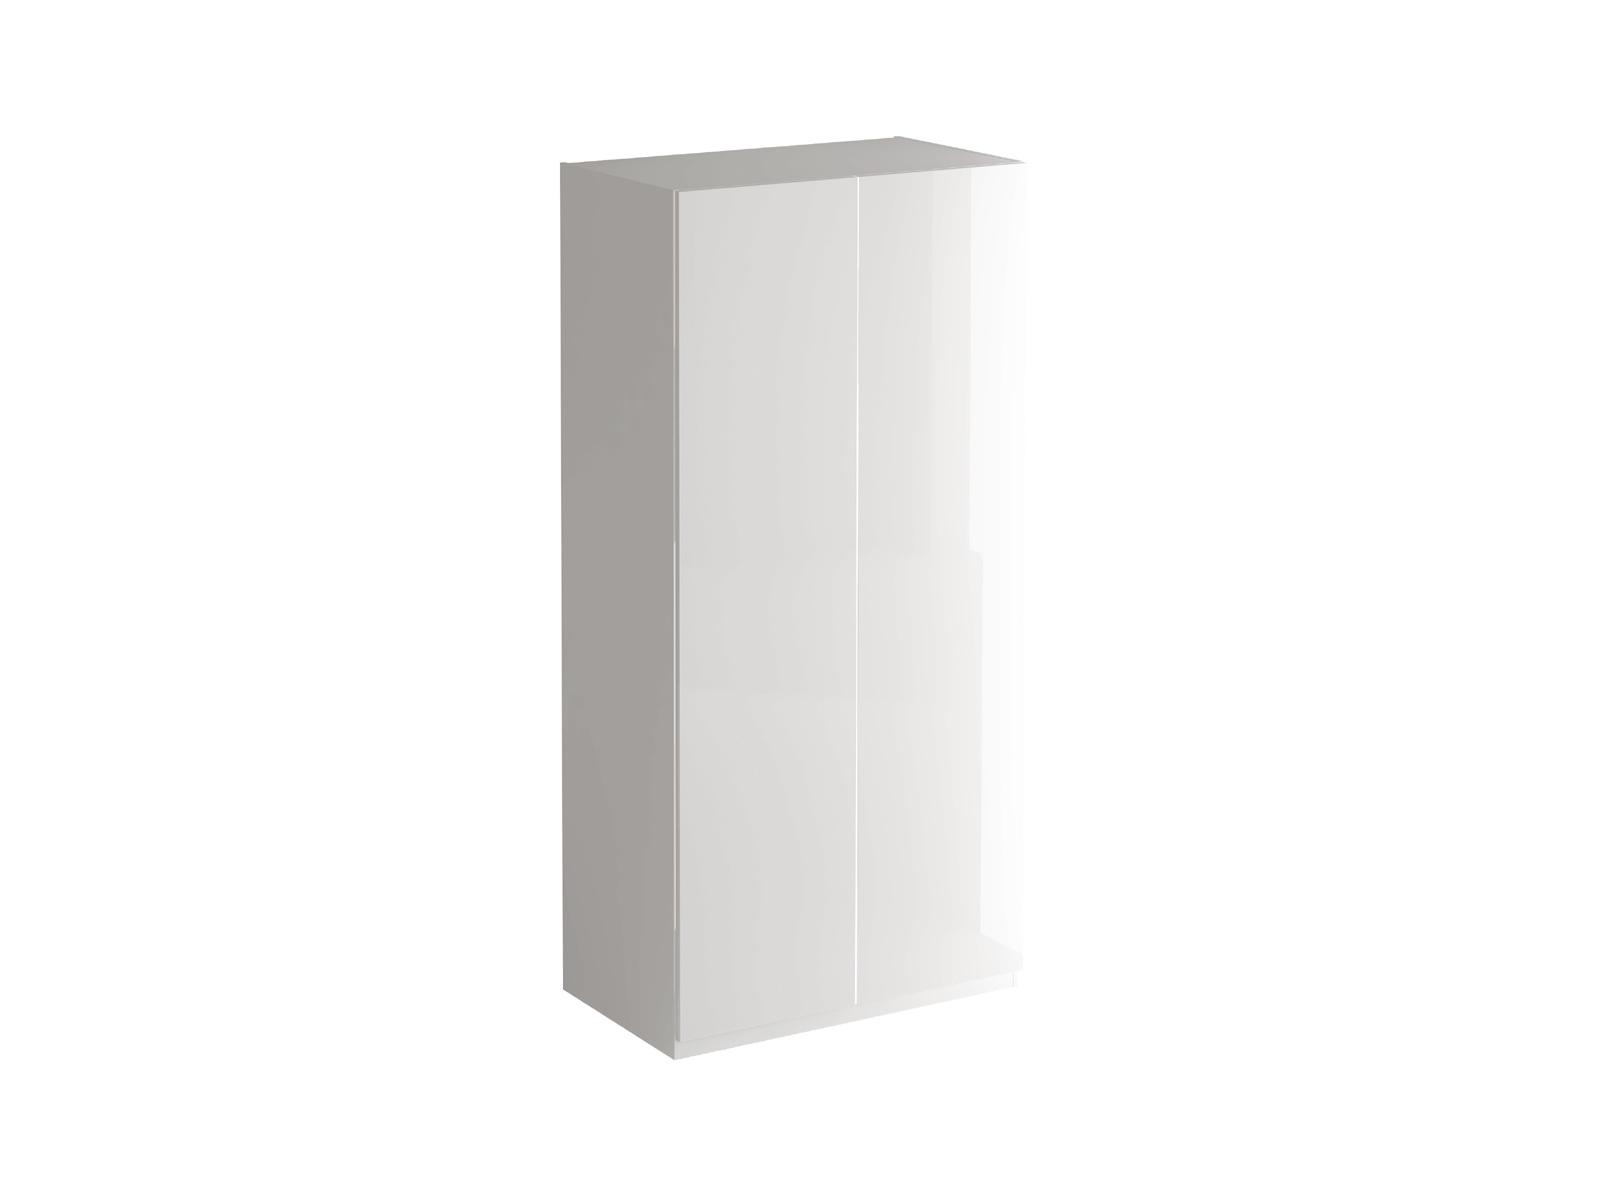 Шкаф IntraПлатяные шкафы<br>&amp;lt;div&amp;gt;Особенностью коллекции для спальни Intra являются фасады, естественная белизна которых стала возможна благодаря использованию осветленного прозрачного стекла европейского производства. Наполнение шкафов (полки и ящики) выполнены в цвете Дуб Гальяно.&amp;lt;/div&amp;gt;&amp;lt;div&amp;gt;&amp;lt;br&amp;gt;&amp;lt;/div&amp;gt;&amp;lt;div&amp;gt;Материалы:&amp;lt;/div&amp;gt;&amp;lt;div&amp;gt;Каркас: ЛДСП толщиной 16мм&amp;lt;/div&amp;gt;&amp;lt;div&amp;gt;Фасад: ЛДСП толщиной 16мм с наклеенным стеклом&amp;lt;/div&amp;gt;&amp;lt;div&amp;gt;Задняя стенка – ДВПО 3,2 мм Белая&amp;lt;/div&amp;gt;<br><br>Material: ДСП<br>Ширина см: 100.0<br>Высота см: 210.0<br>Глубина см: 58